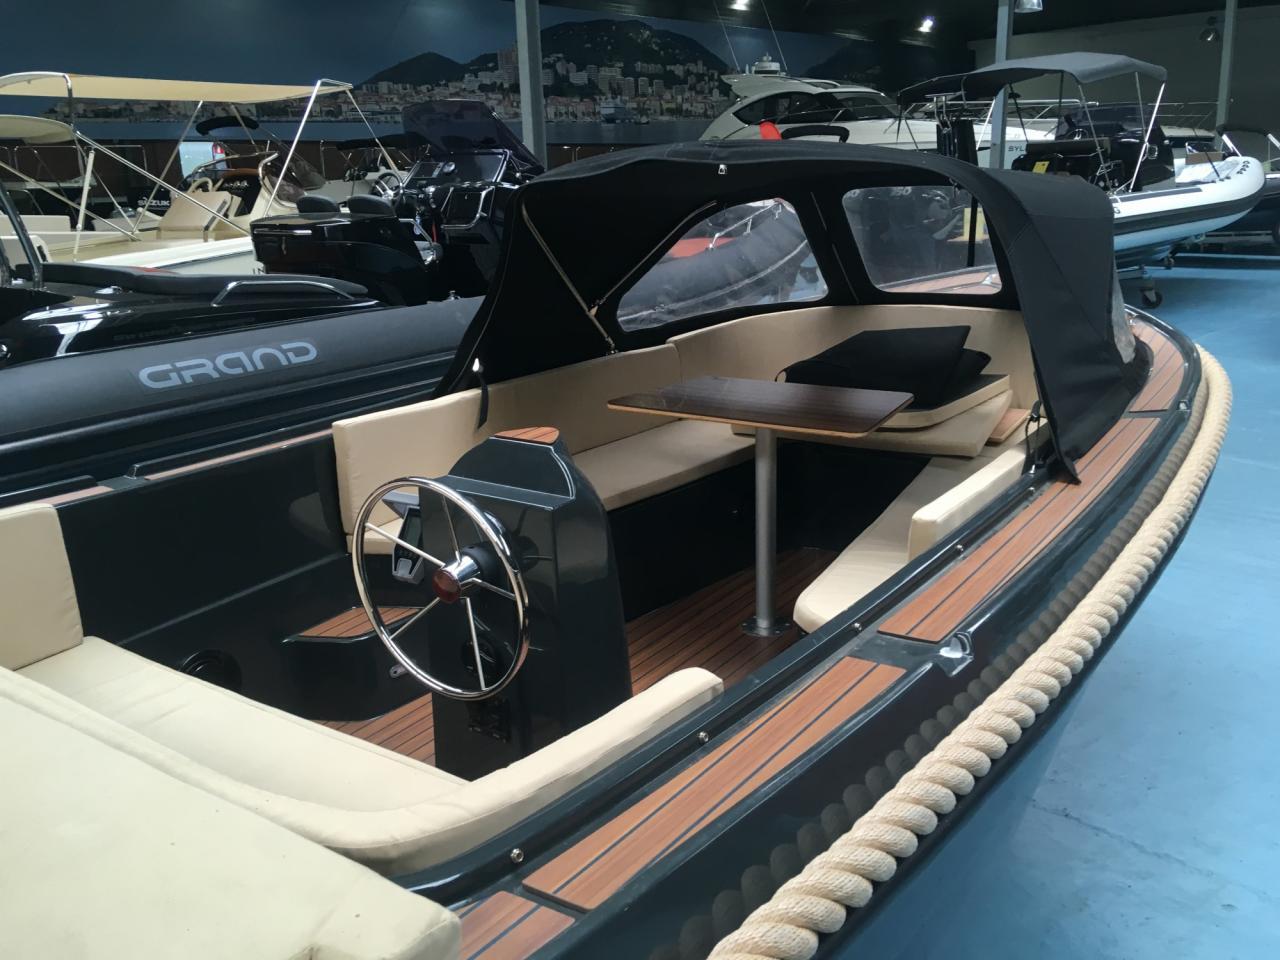 Anker 575 deluxe met Craftsman Navy 6.0 elektromotor 3